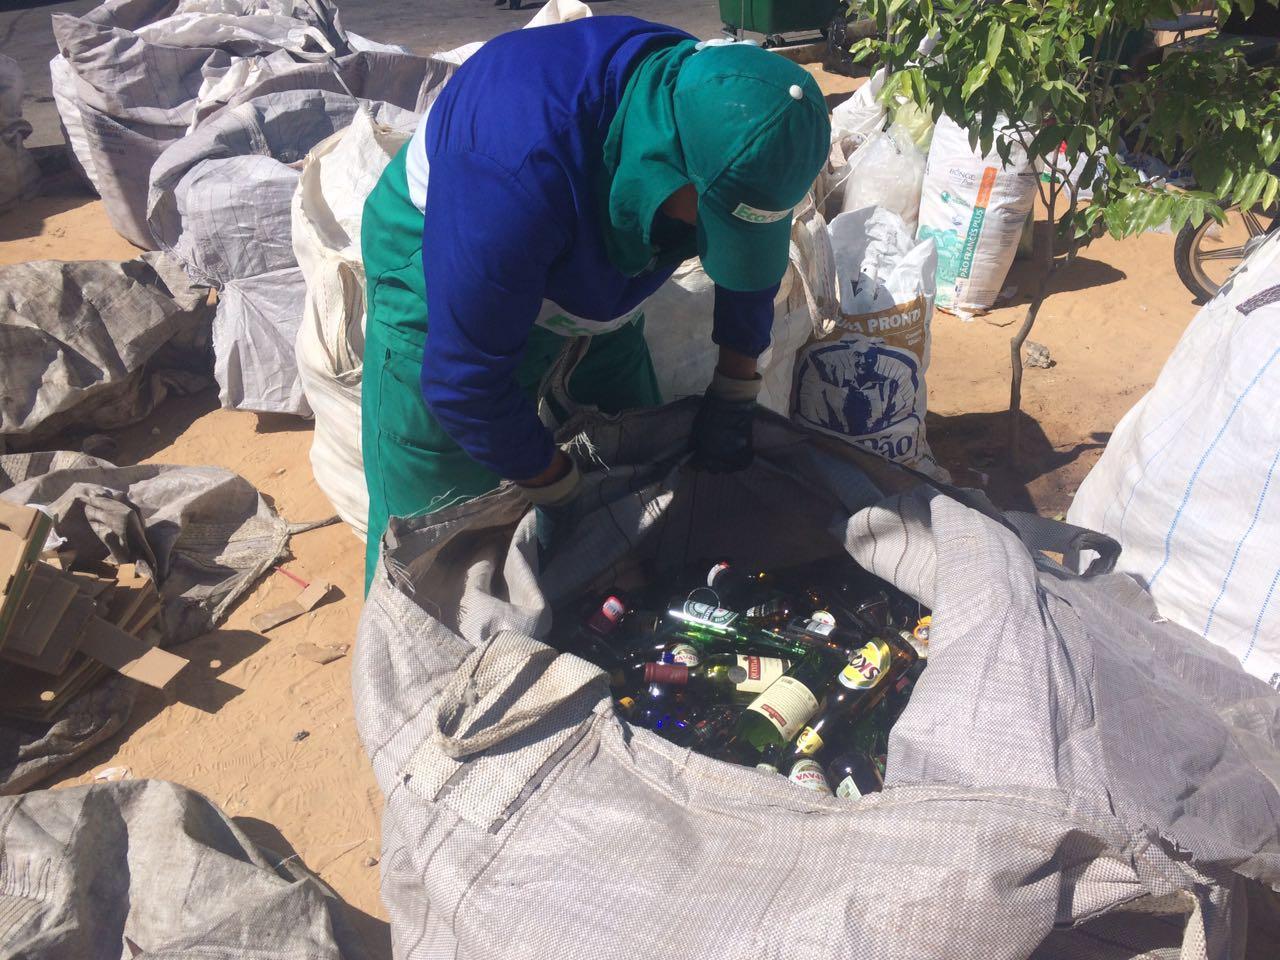 Bairros pobres reciclam mais lixo do que ricos em Fortaleza